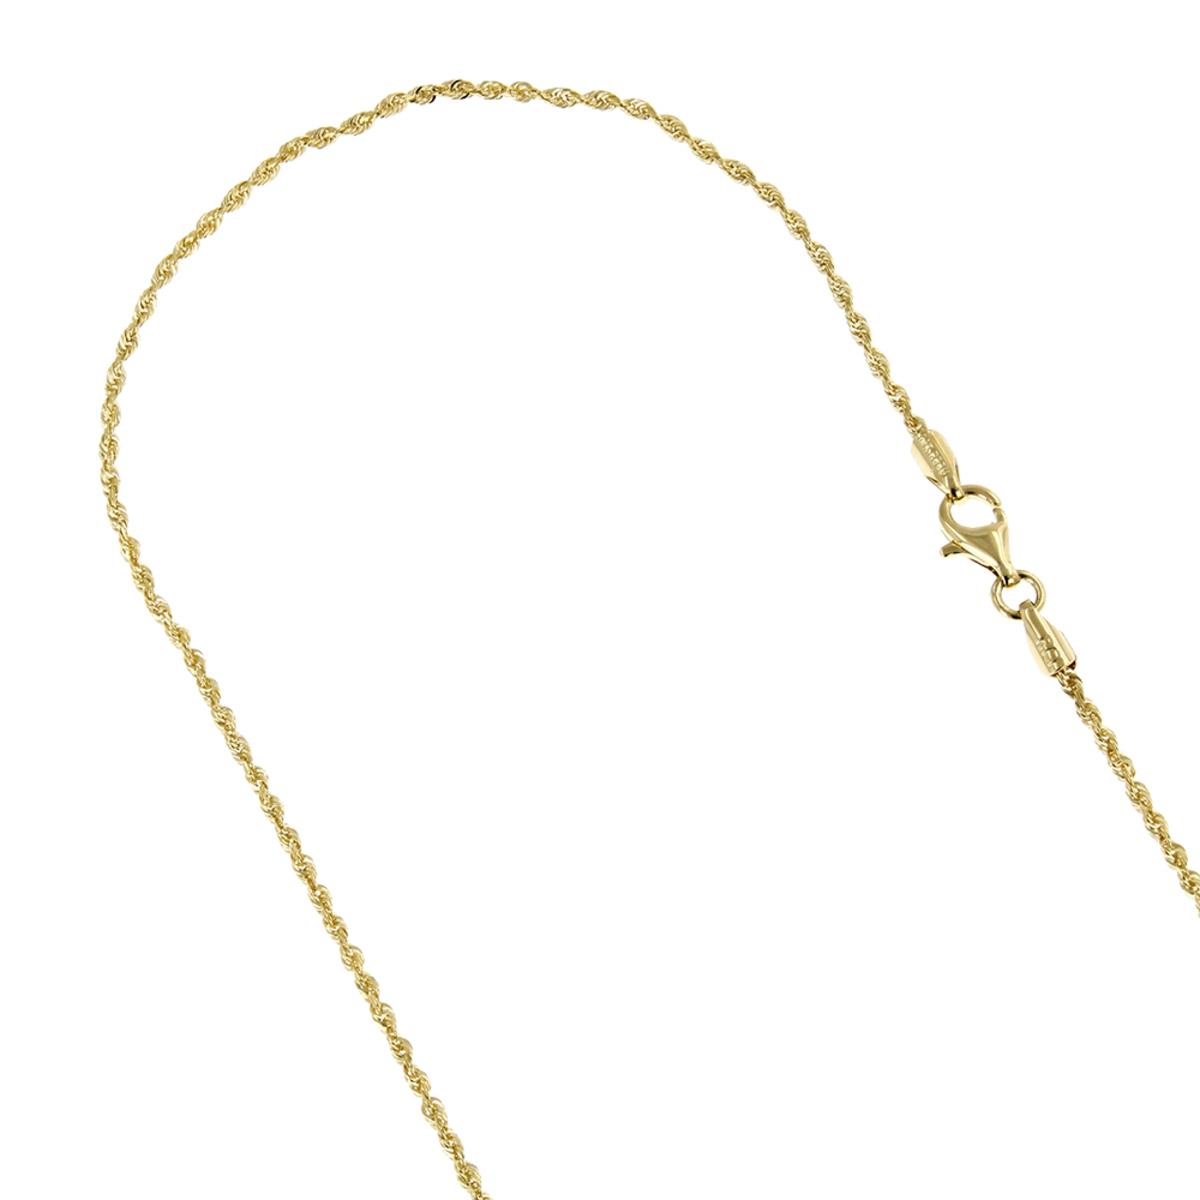 LUXURMAN Solid 10k Gold Rope Chain For Men & Women Diamond Cut 1.5mm